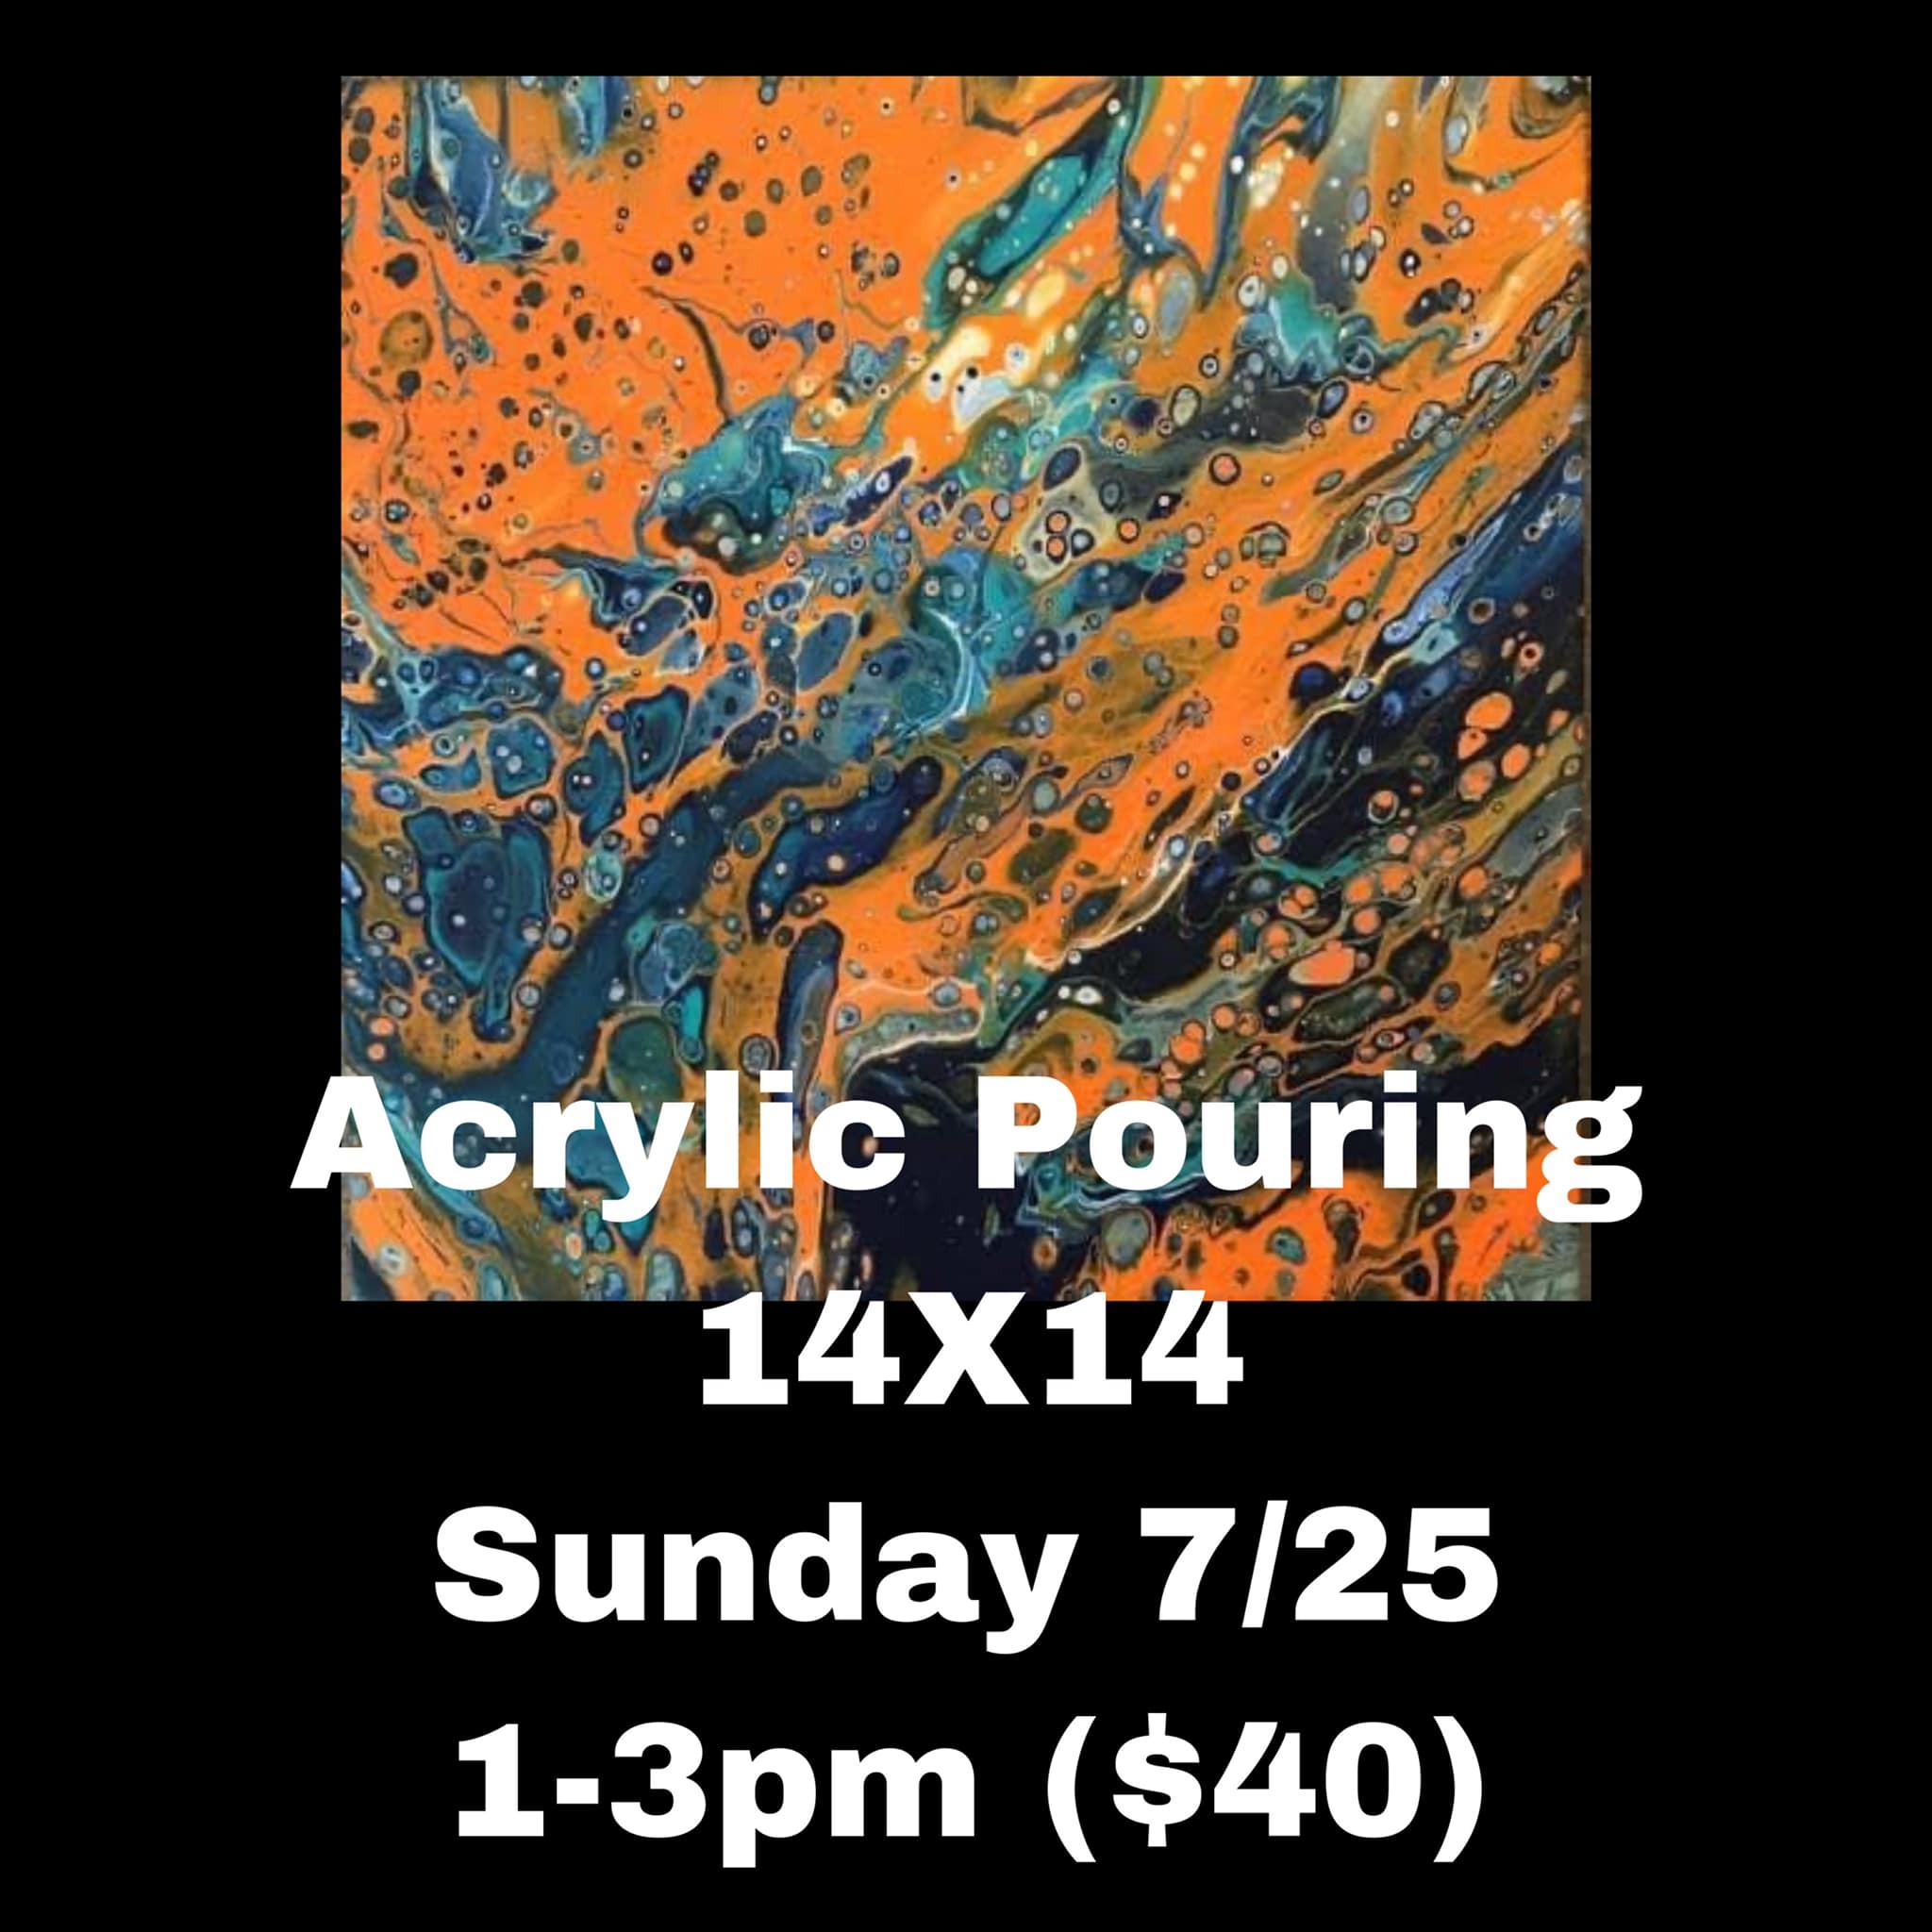 Sunday 7/25 - Acrylic Pouring ($40)